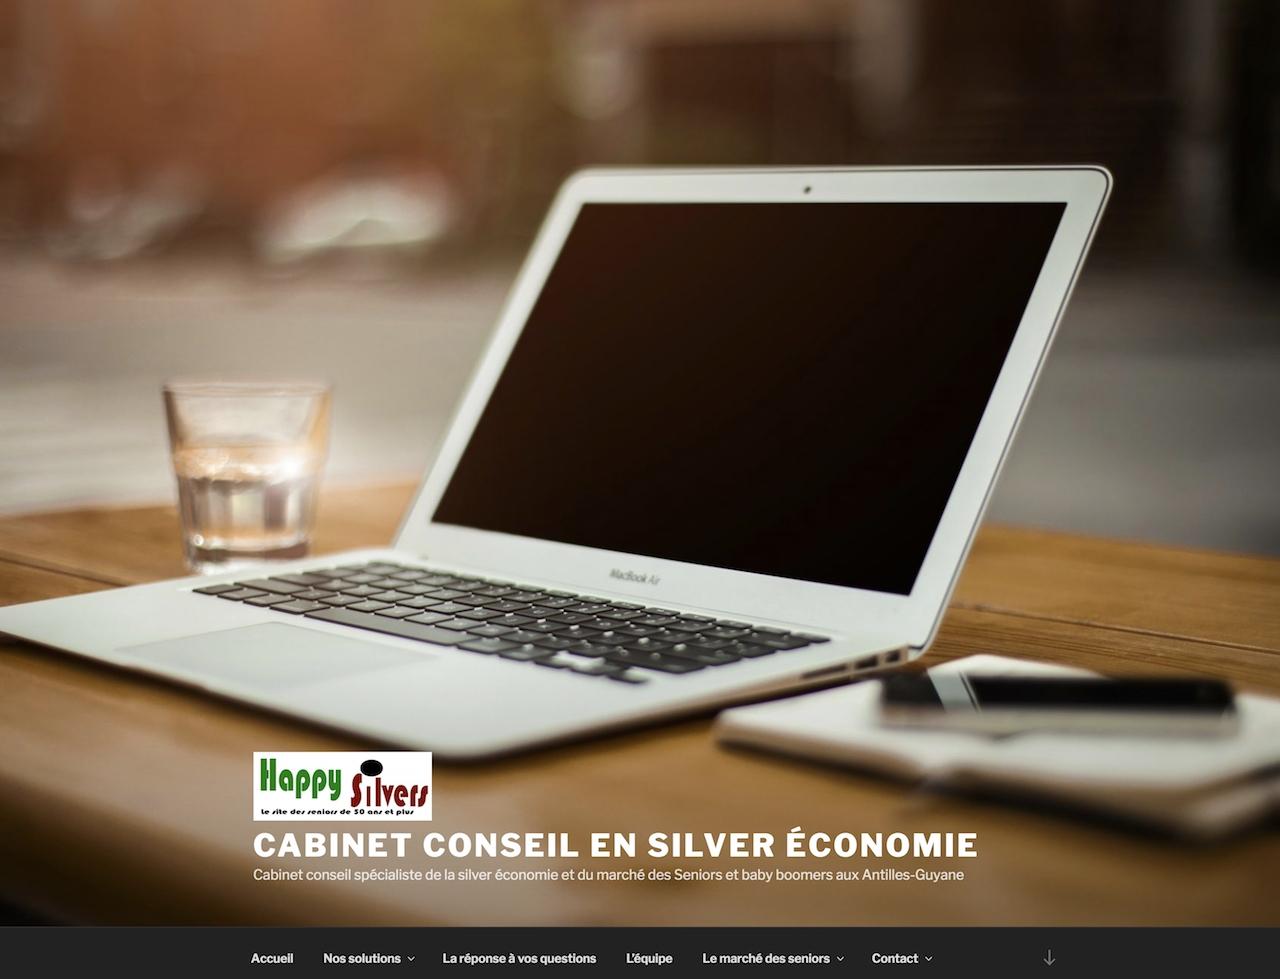 Cabinet conseil en silver économie